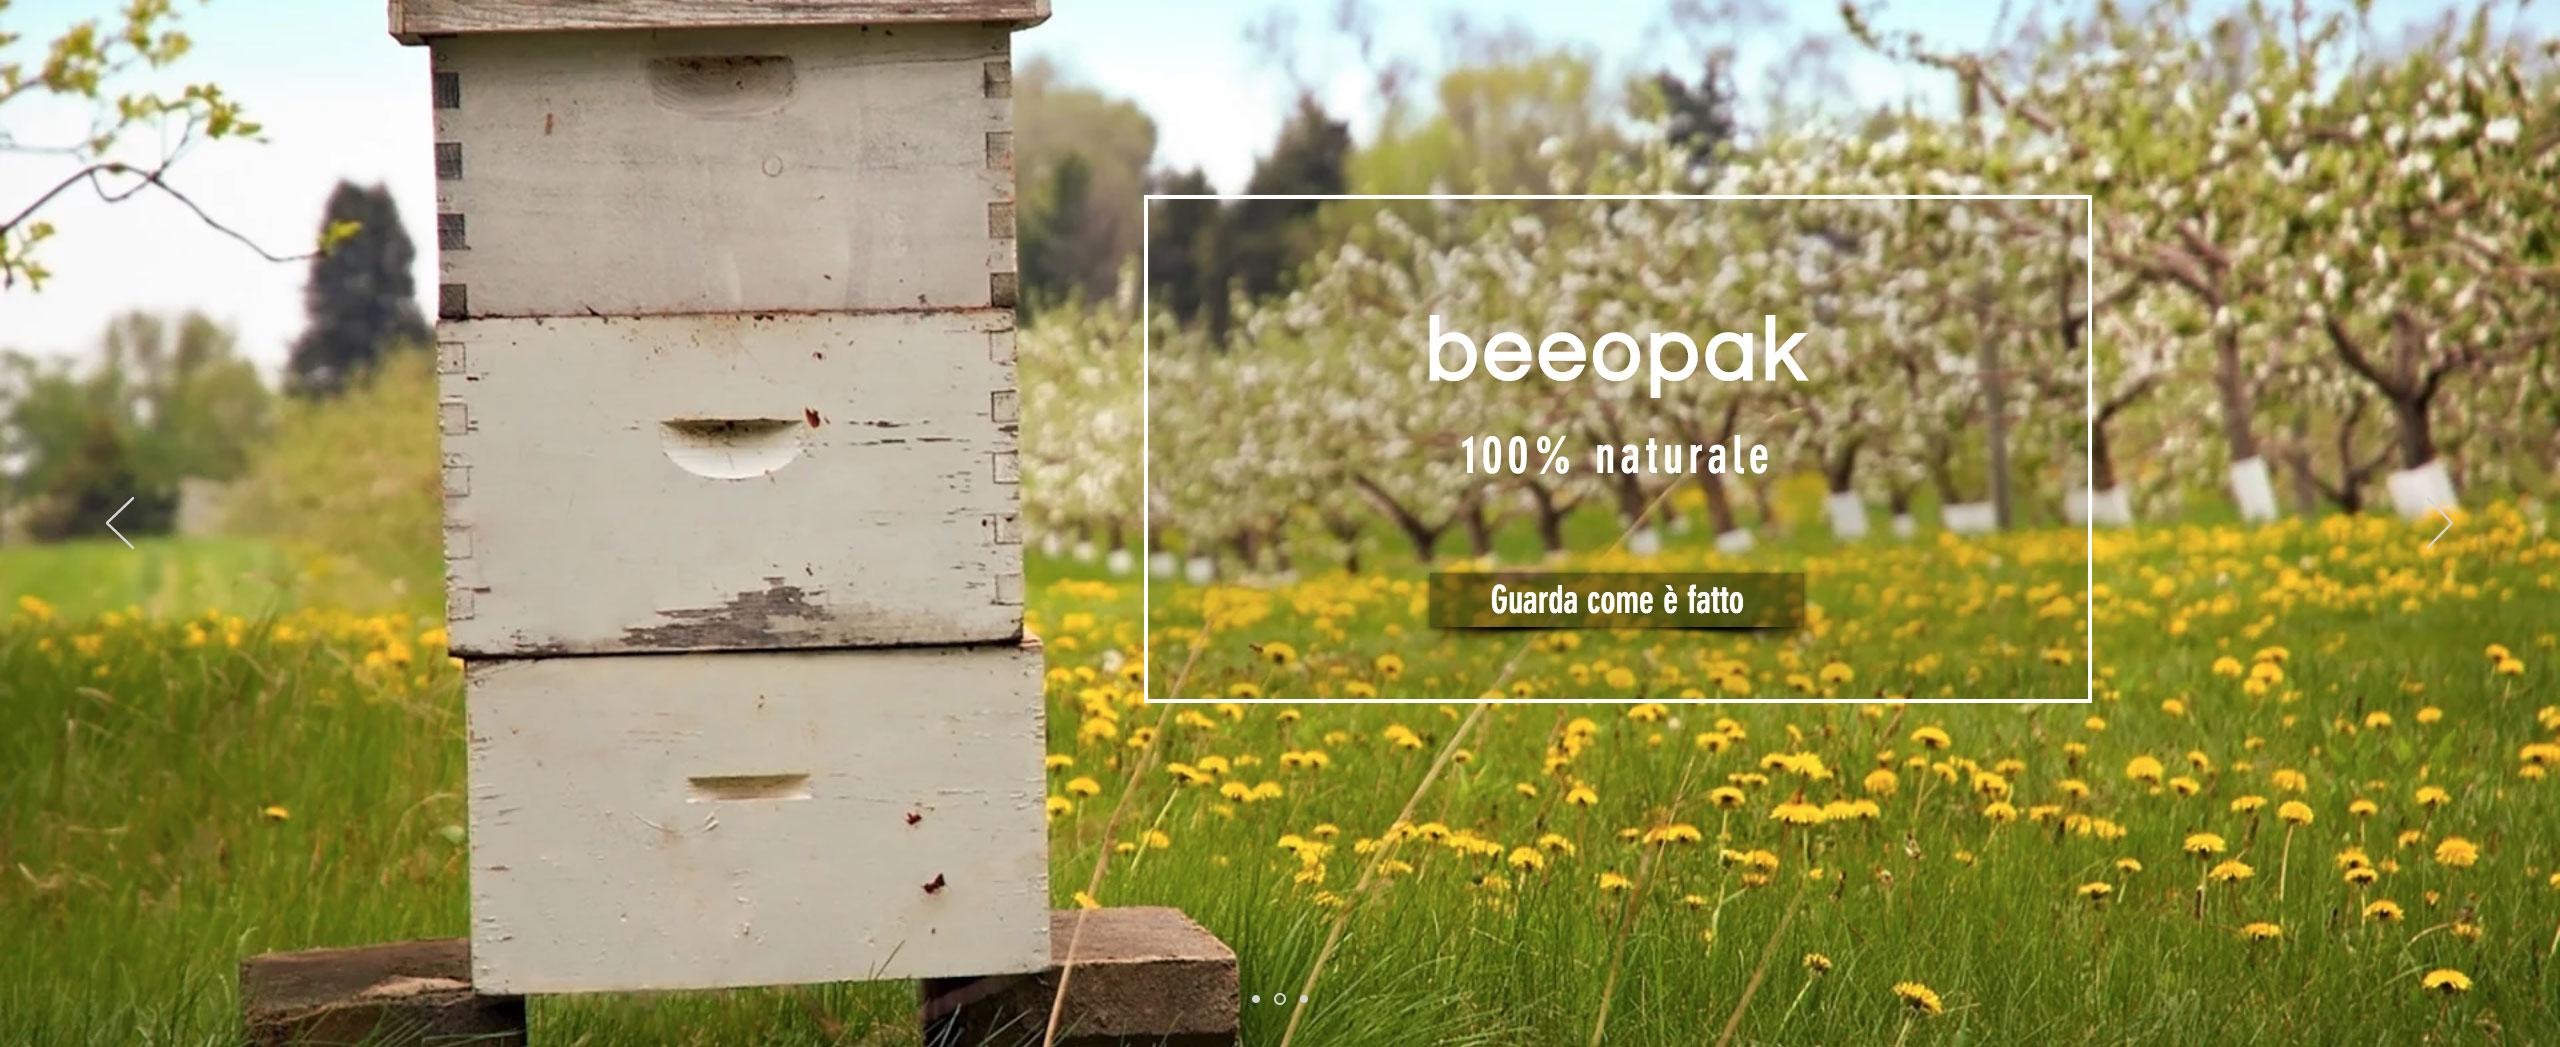 Beeopak, sostenibilità a 360 gradi.